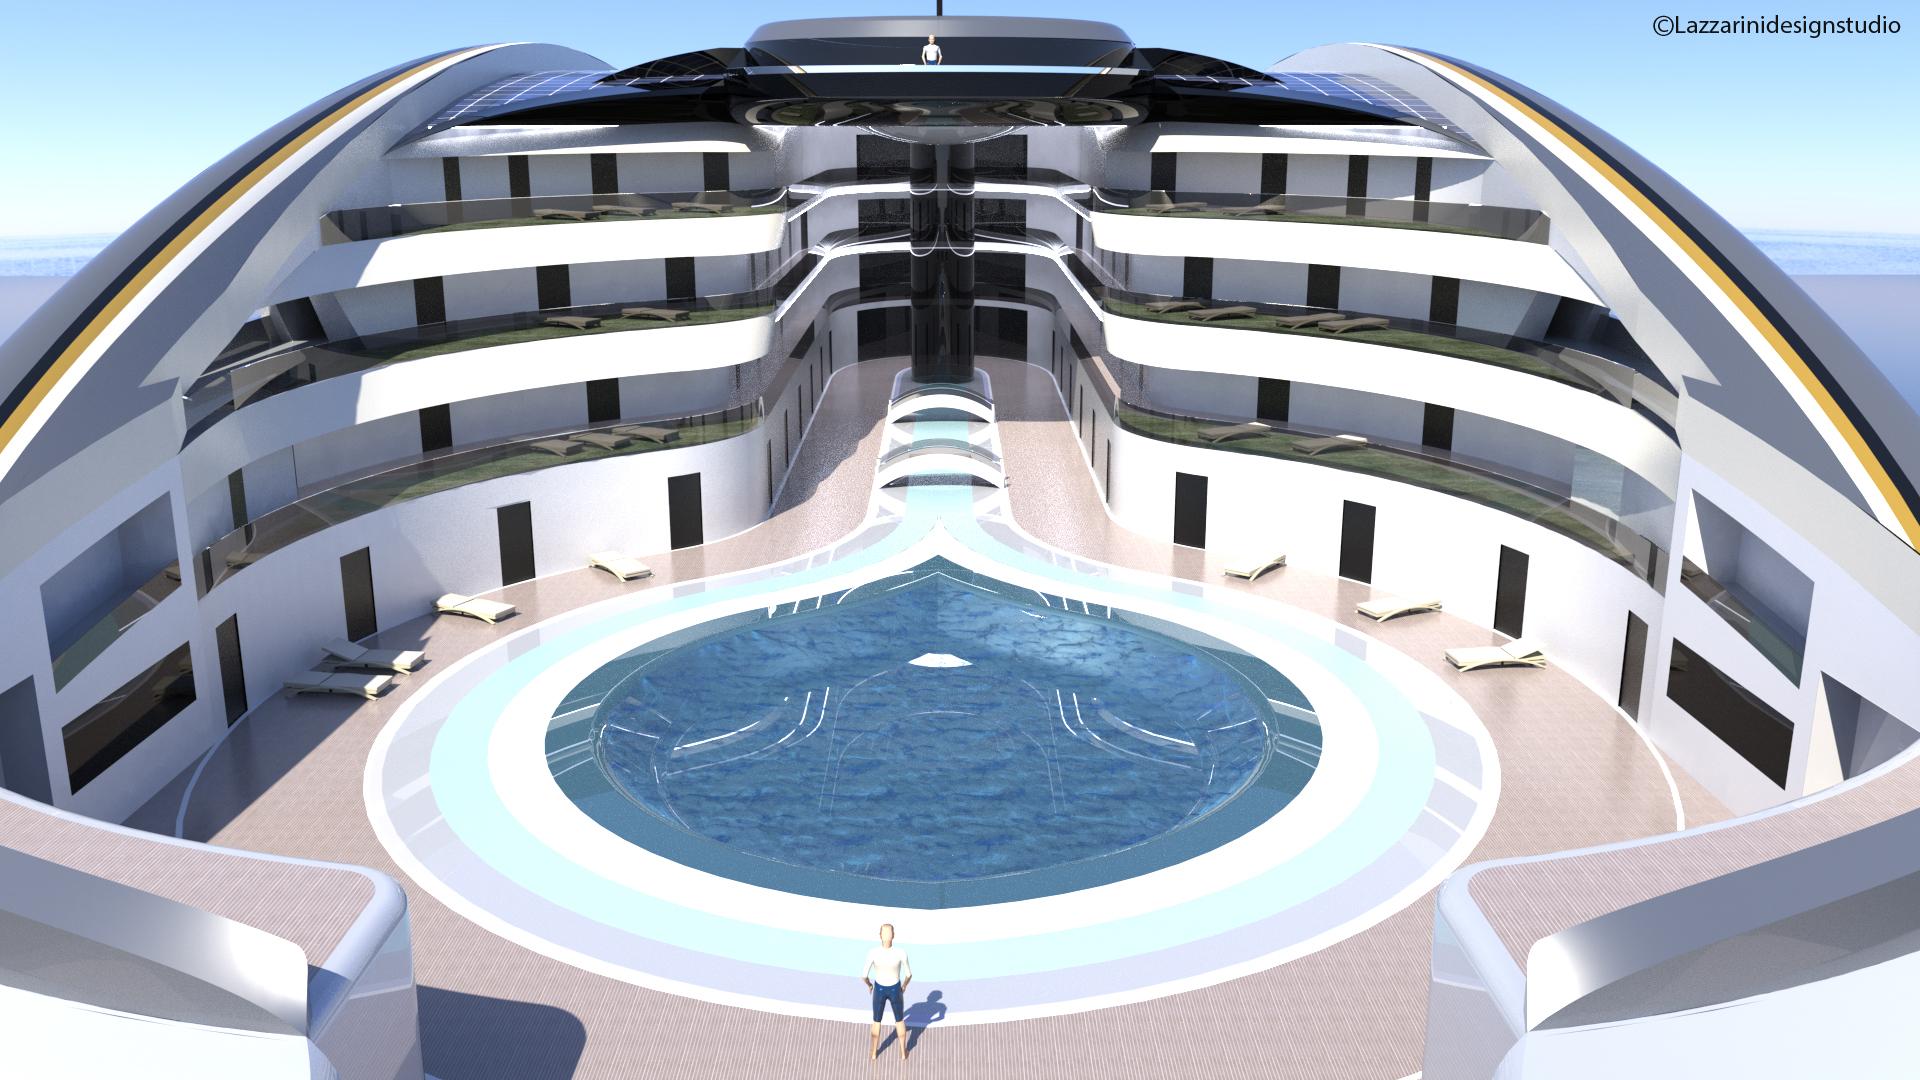 La piscina / Foto: Studio Lazzarini